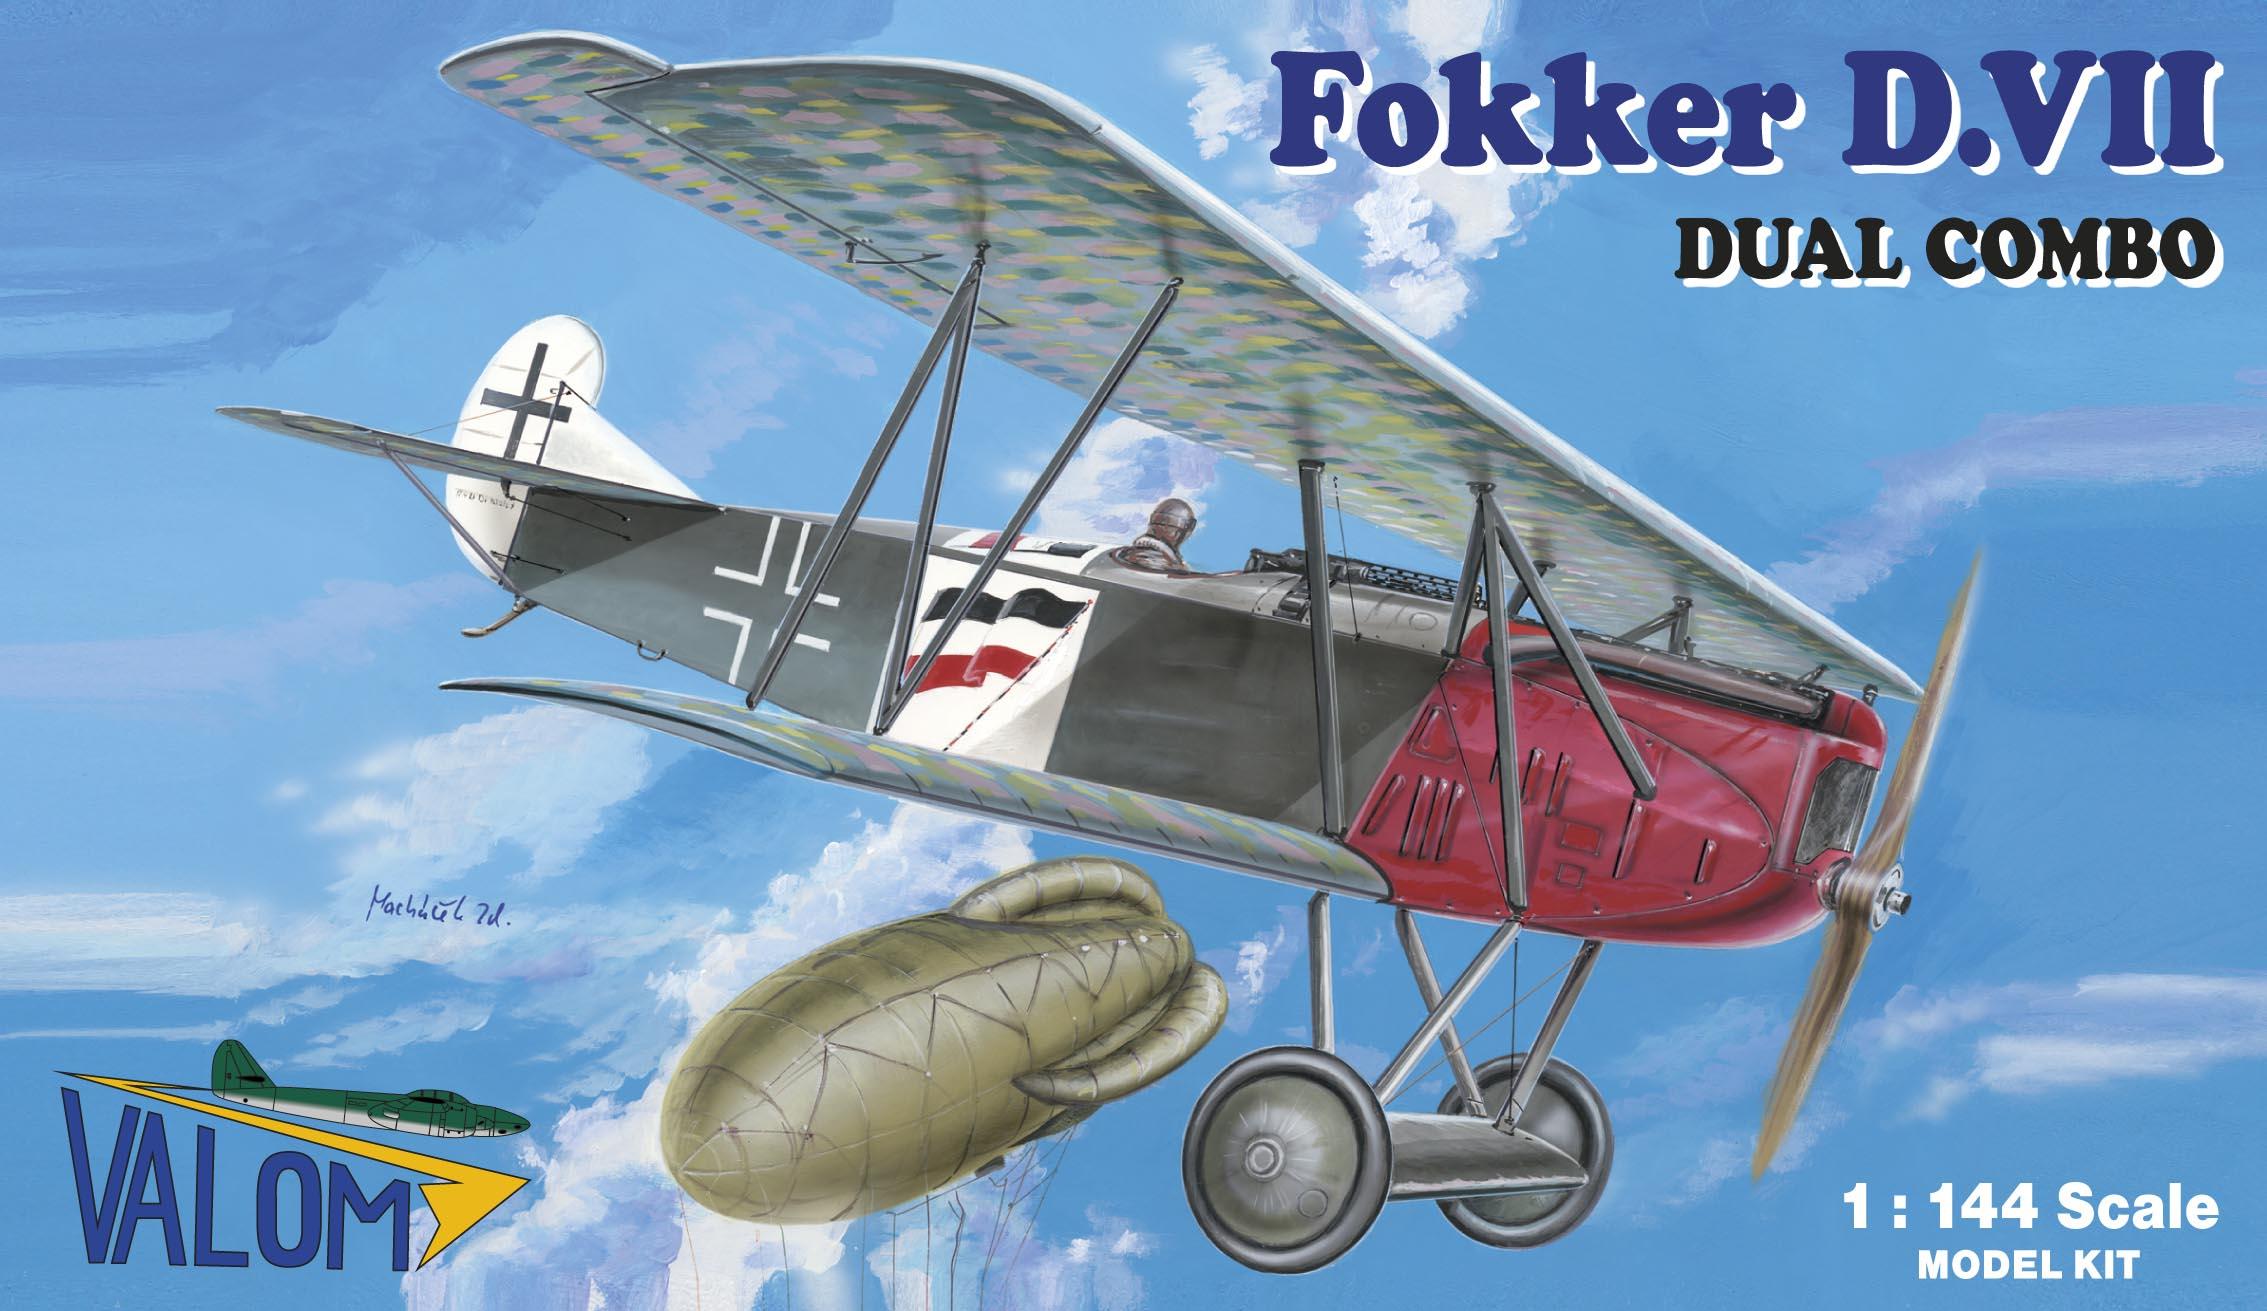 Valom Fokker D.VII (dual combo)